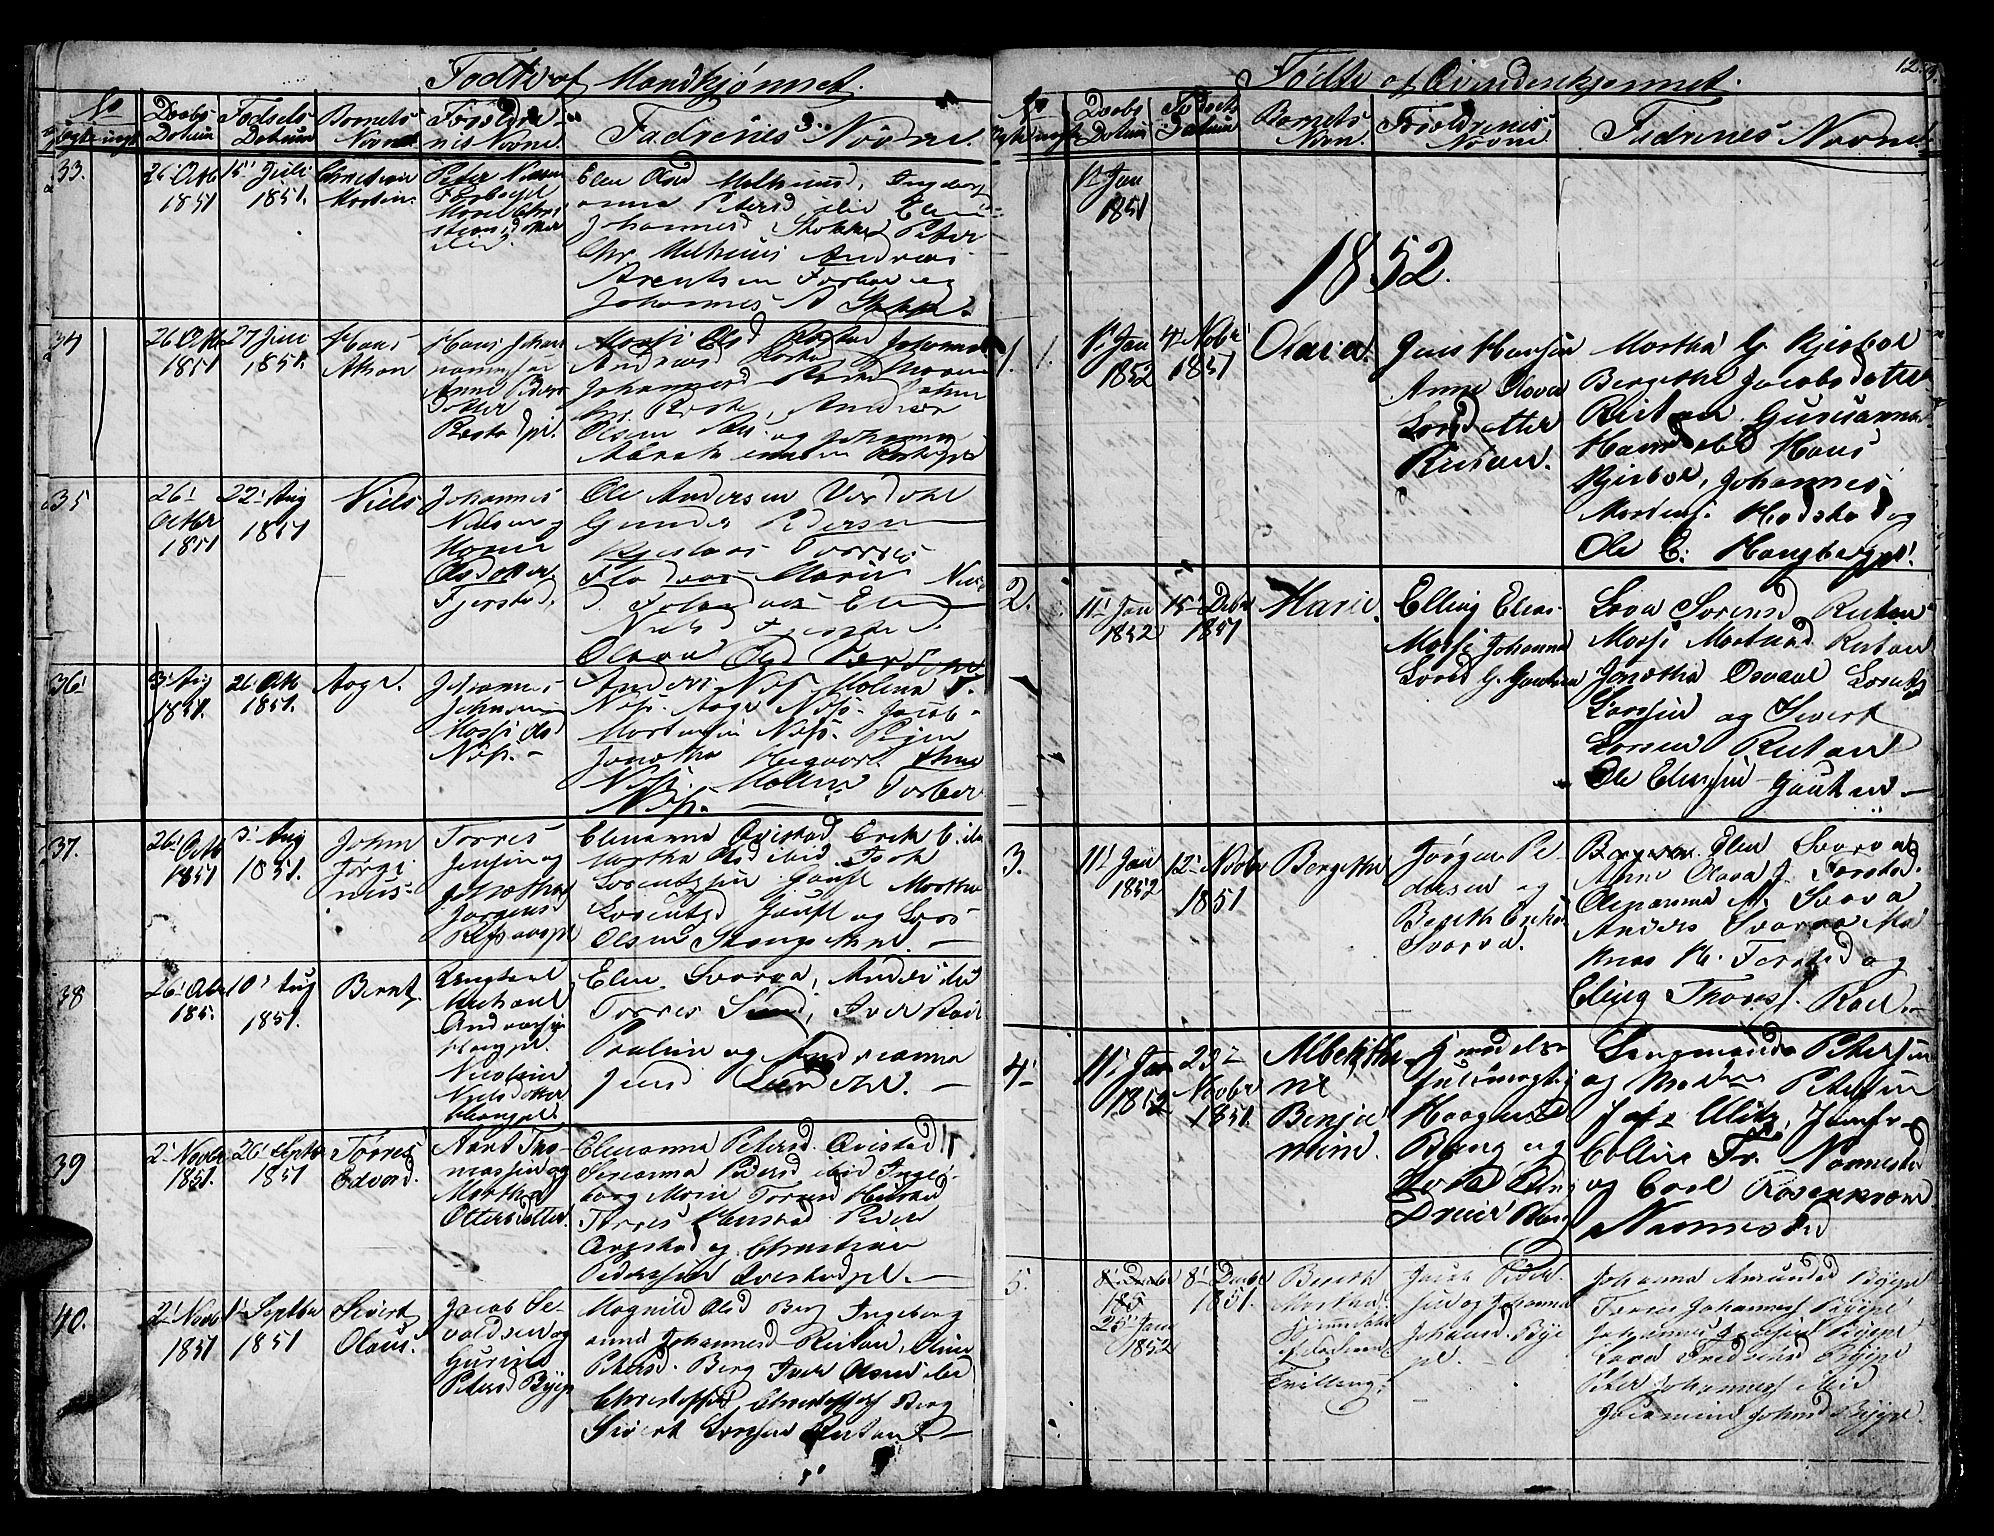 SAT, Ministerialprotokoller, klokkerbøker og fødselsregistre - Nord-Trøndelag, 730/L0299: Klokkerbok nr. 730C02, 1849-1871, s. 12